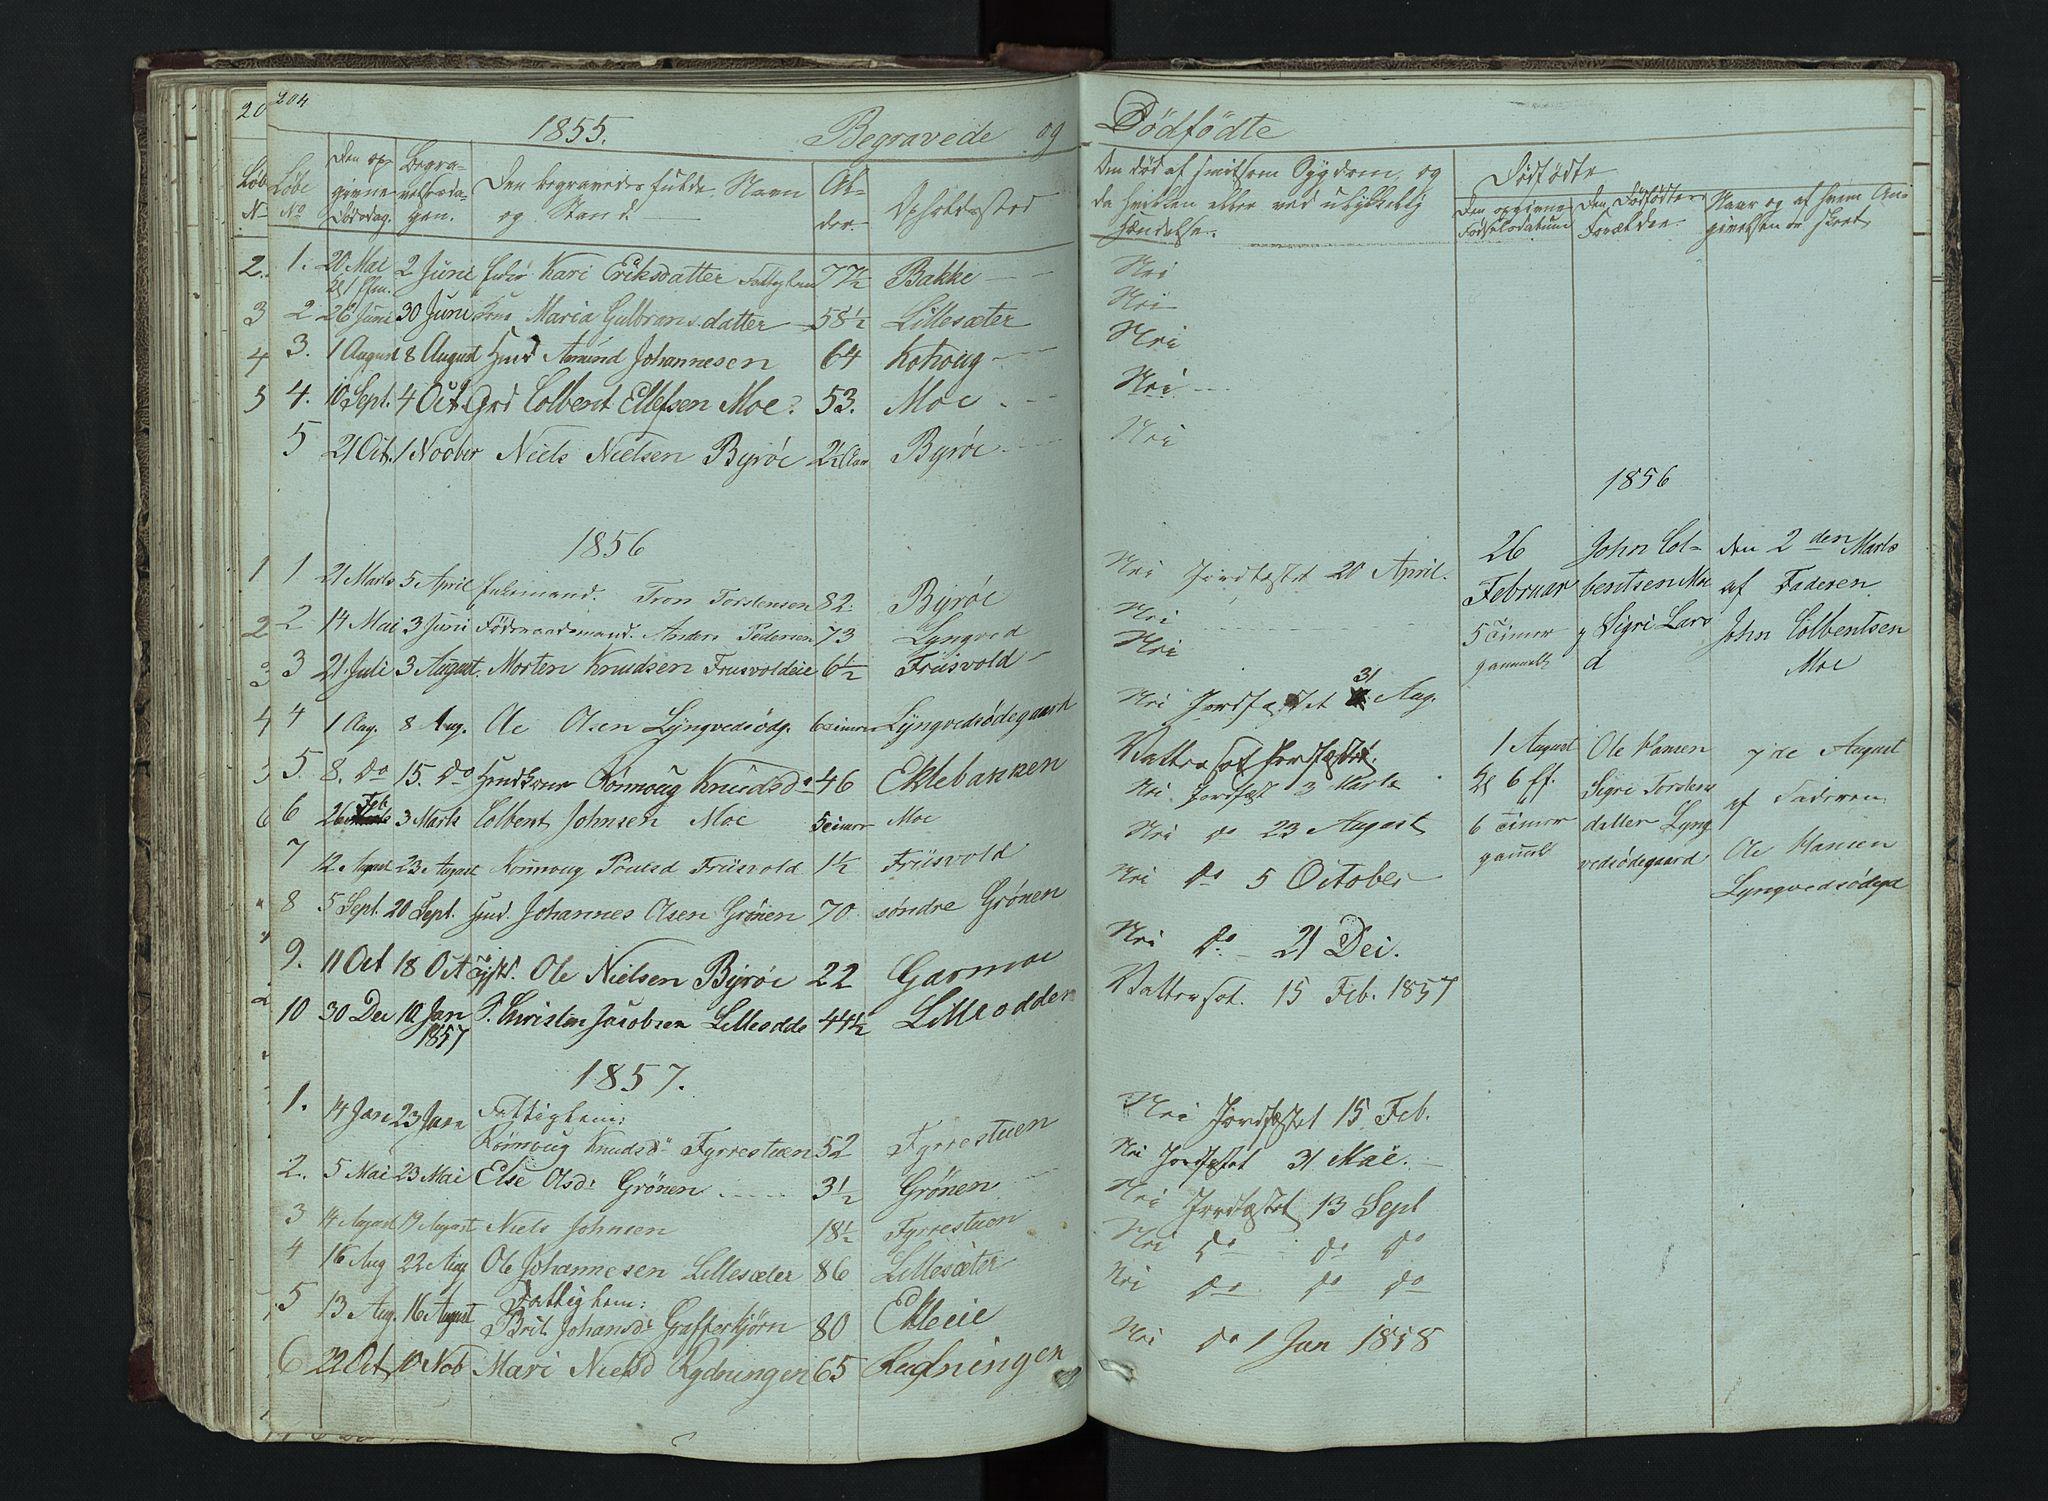 SAH, Lom prestekontor, L/L0014: Klokkerbok nr. 14, 1845-1876, s. 204-205